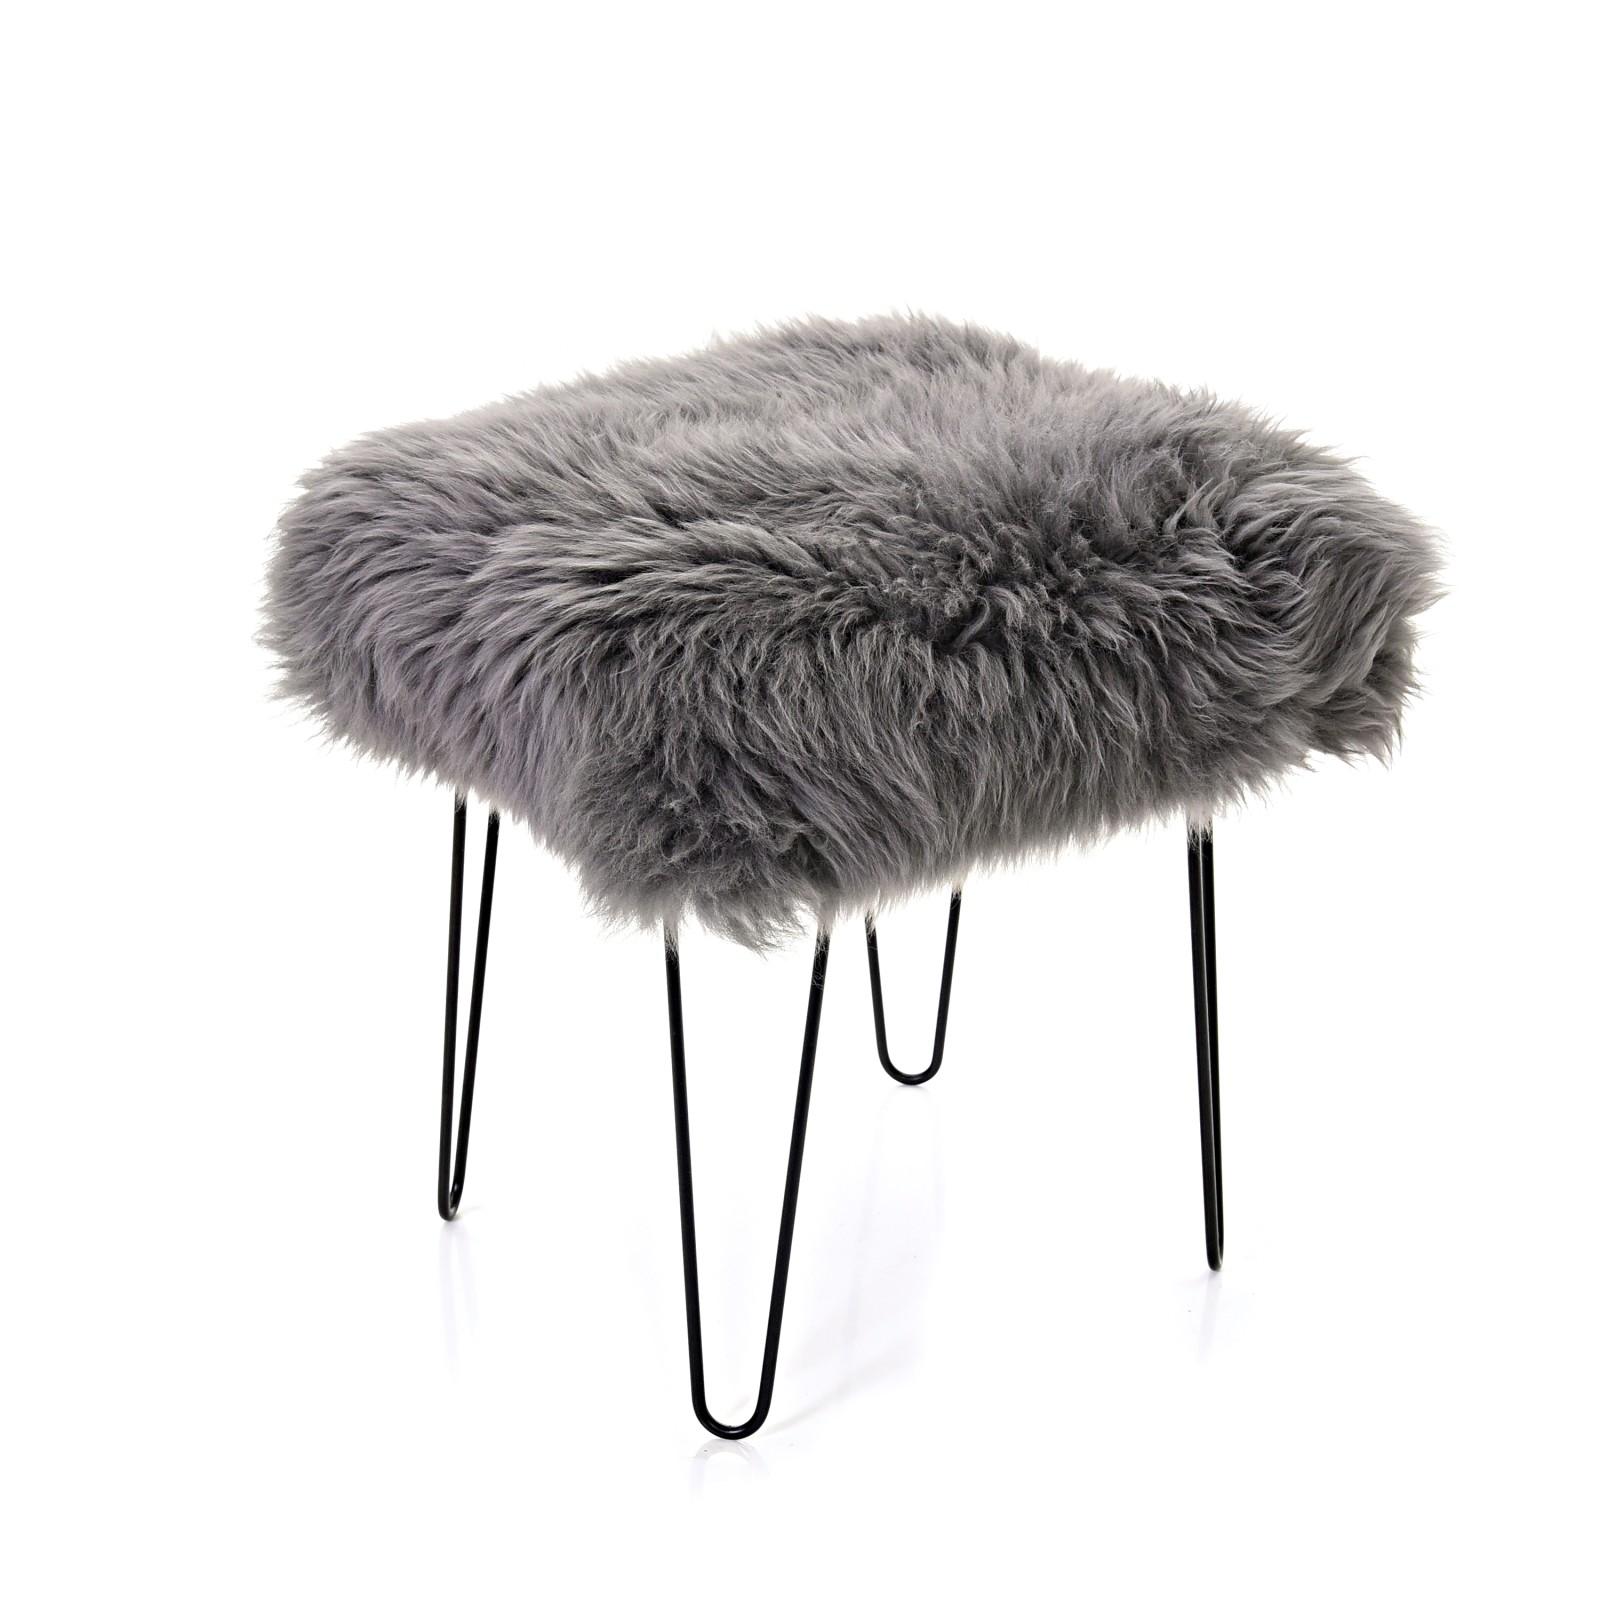 Ffleur - Sheepskin Footstool Slate Grey